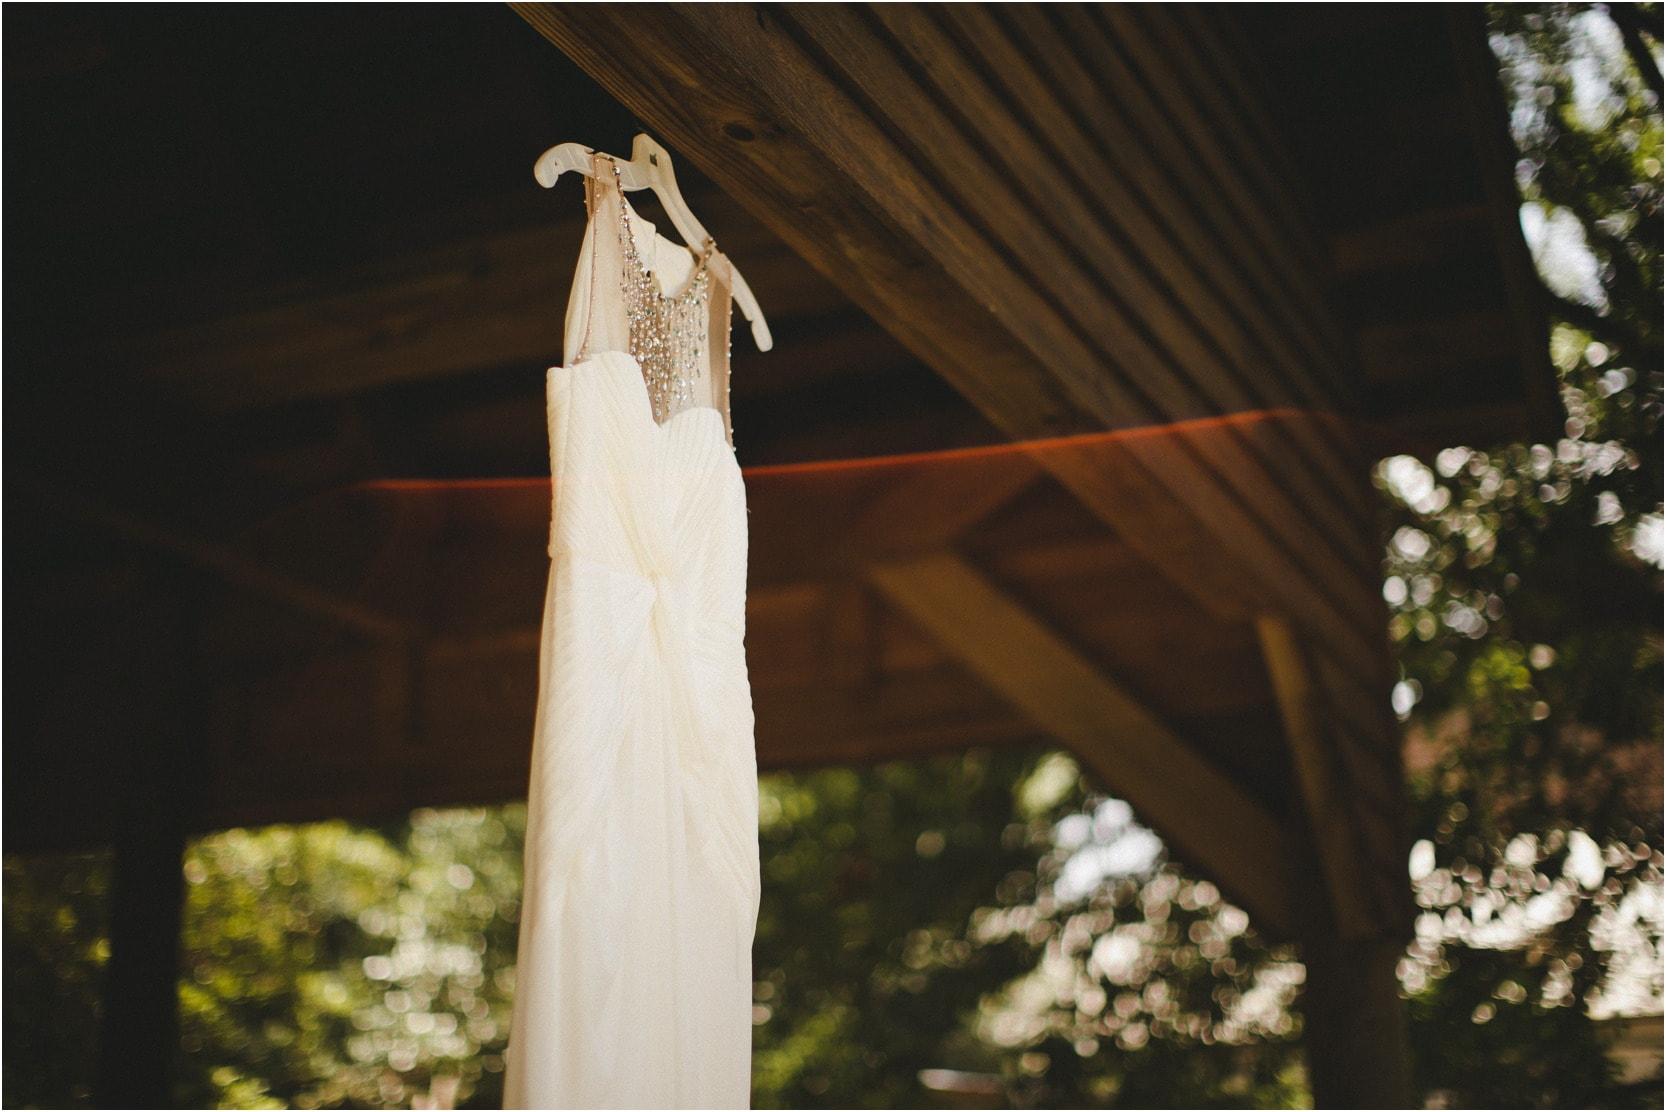 arnoldbaker_wedding__7